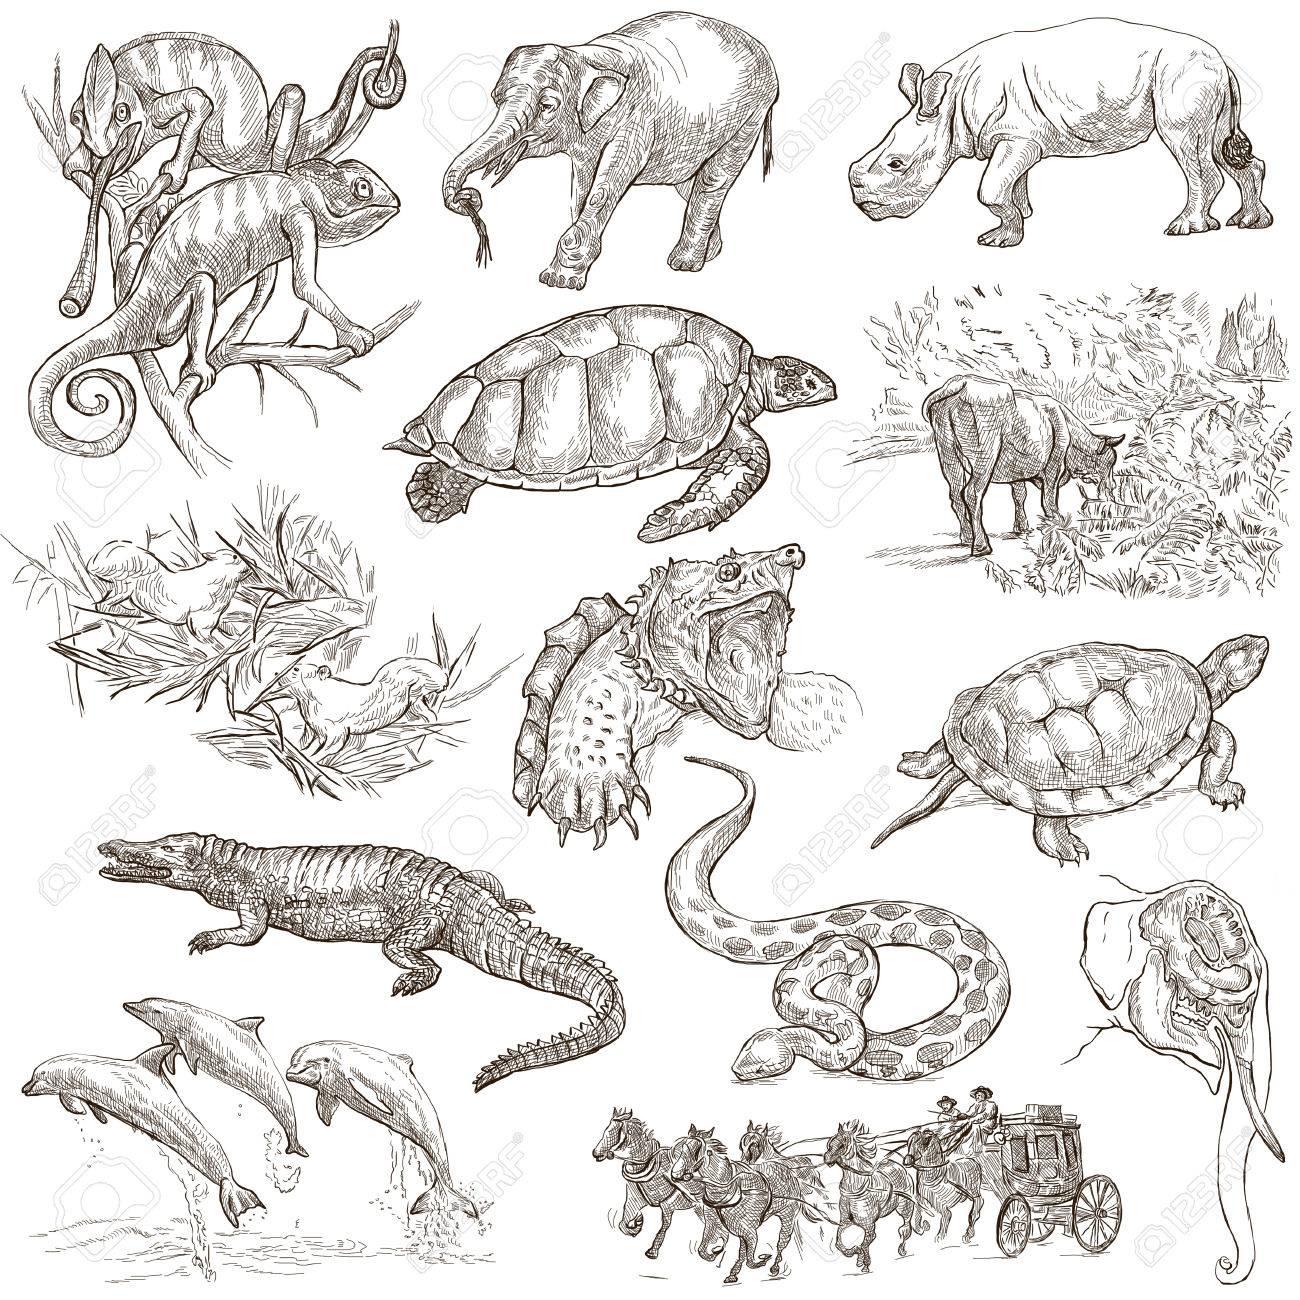 世界の手描きイラスト集動物。説明/コントロール: フルサイズの手描き